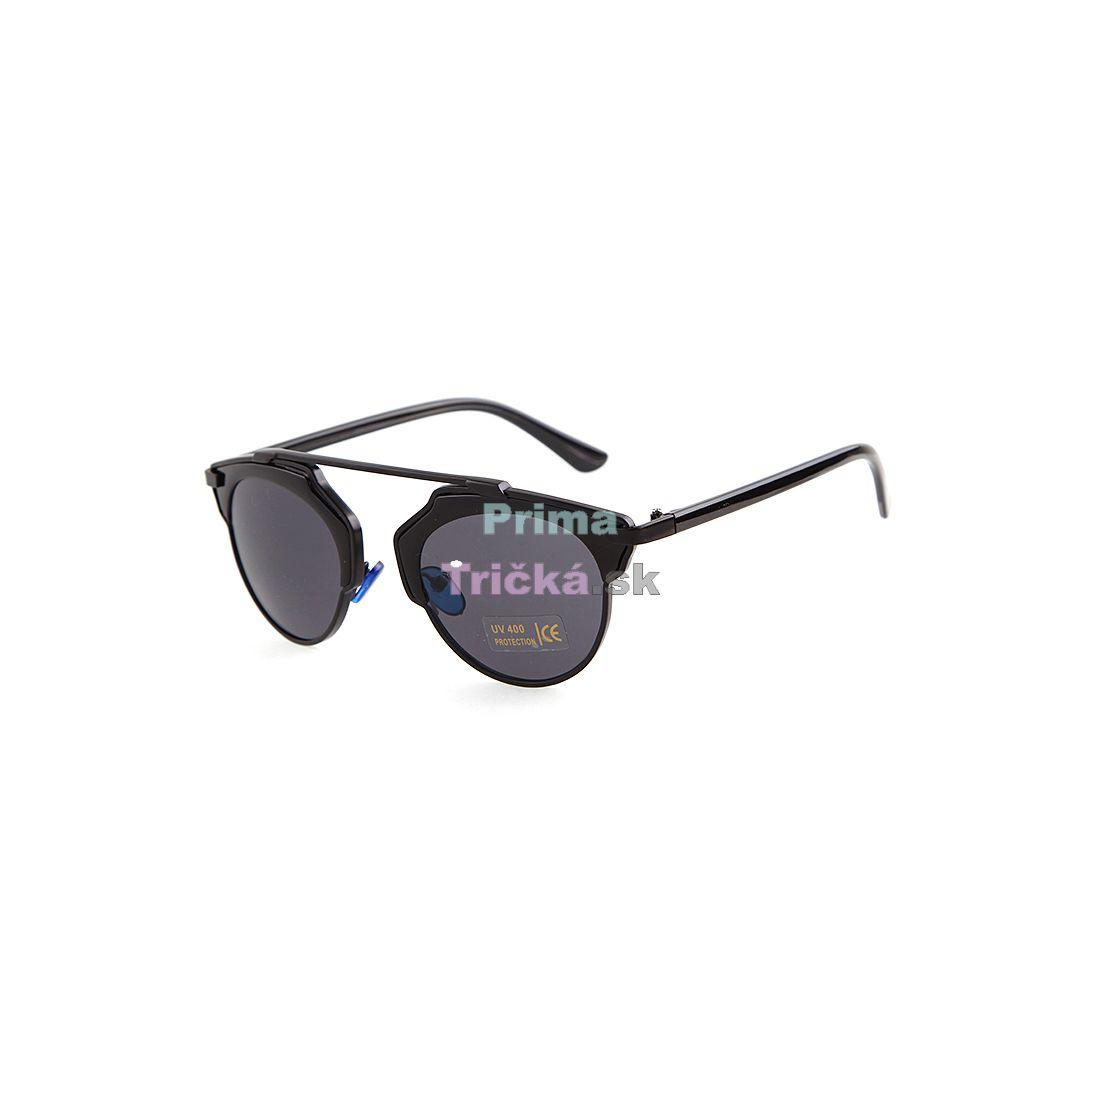 Slnečné okuliare Dámske slnečné okuliare Extravagantné Slnečné ... 23f9a839e12